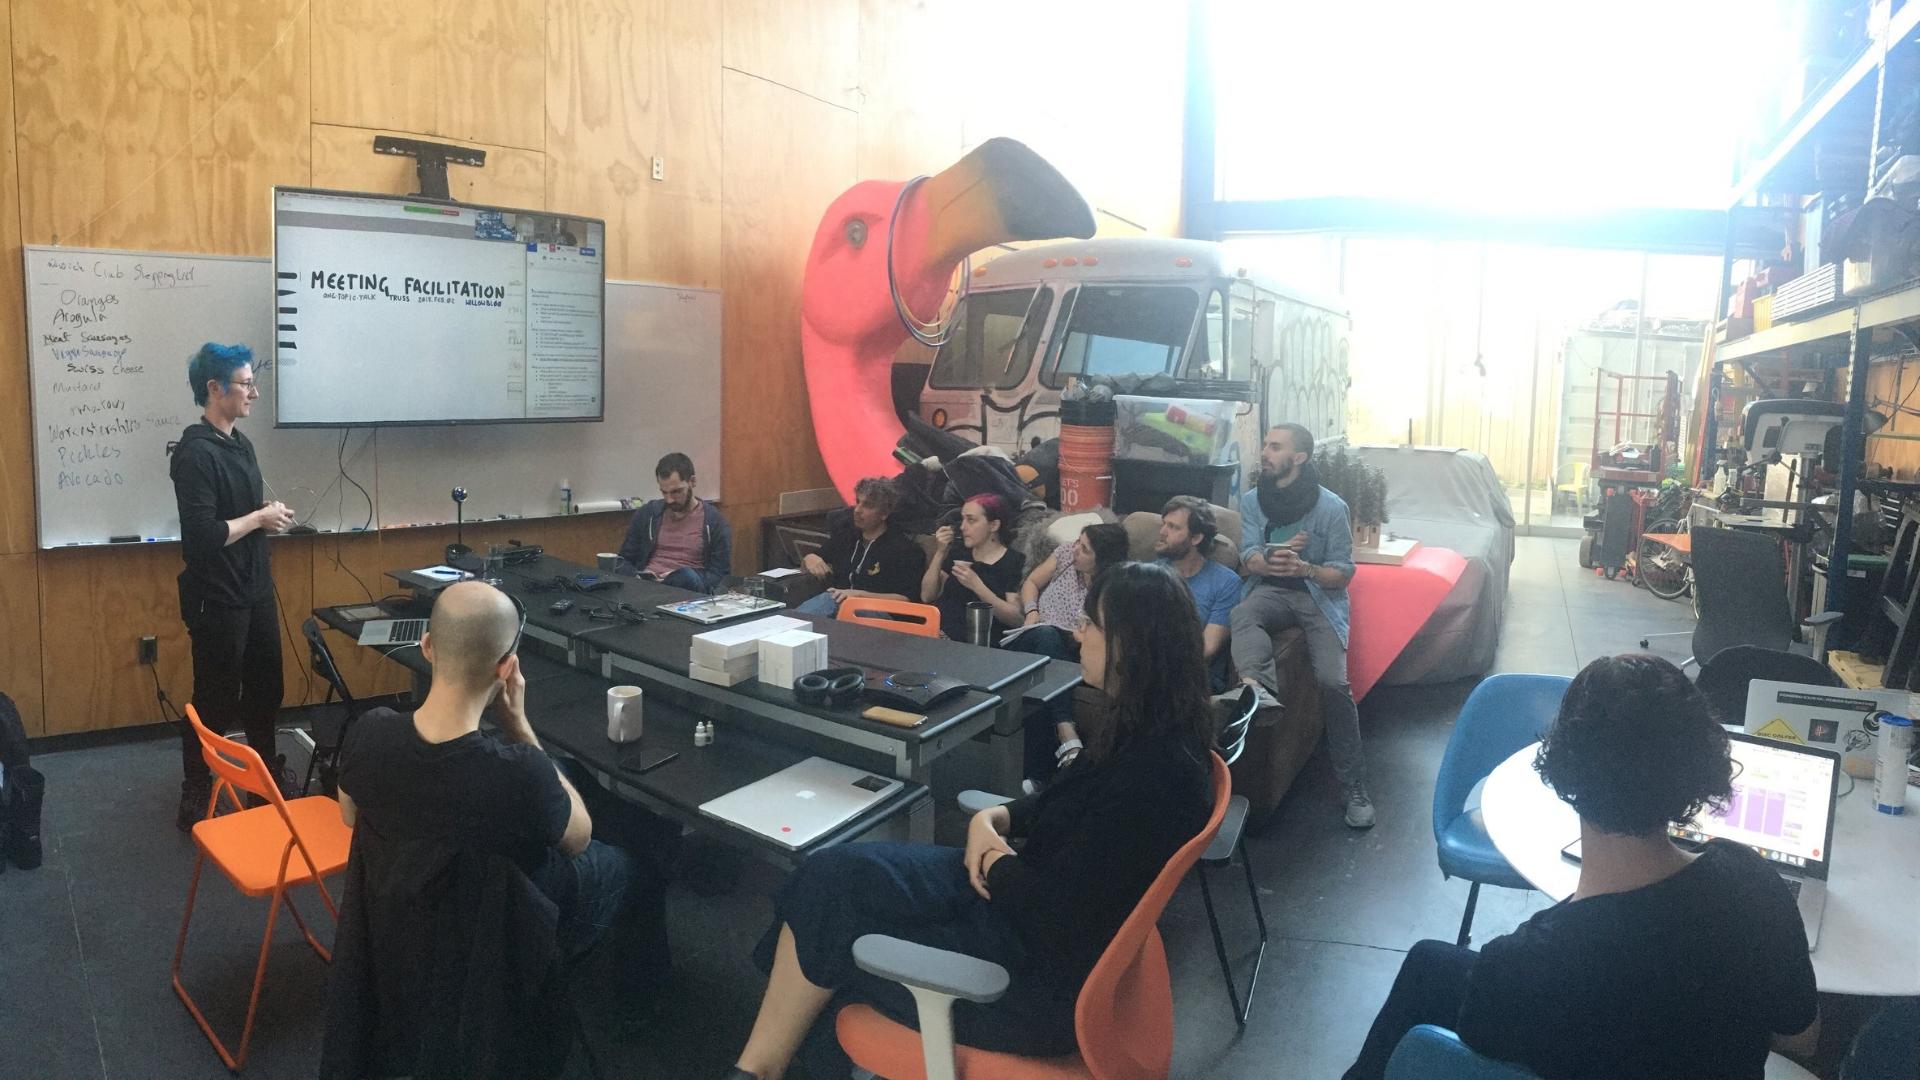 truss-team-meeting-warehouse.jpg